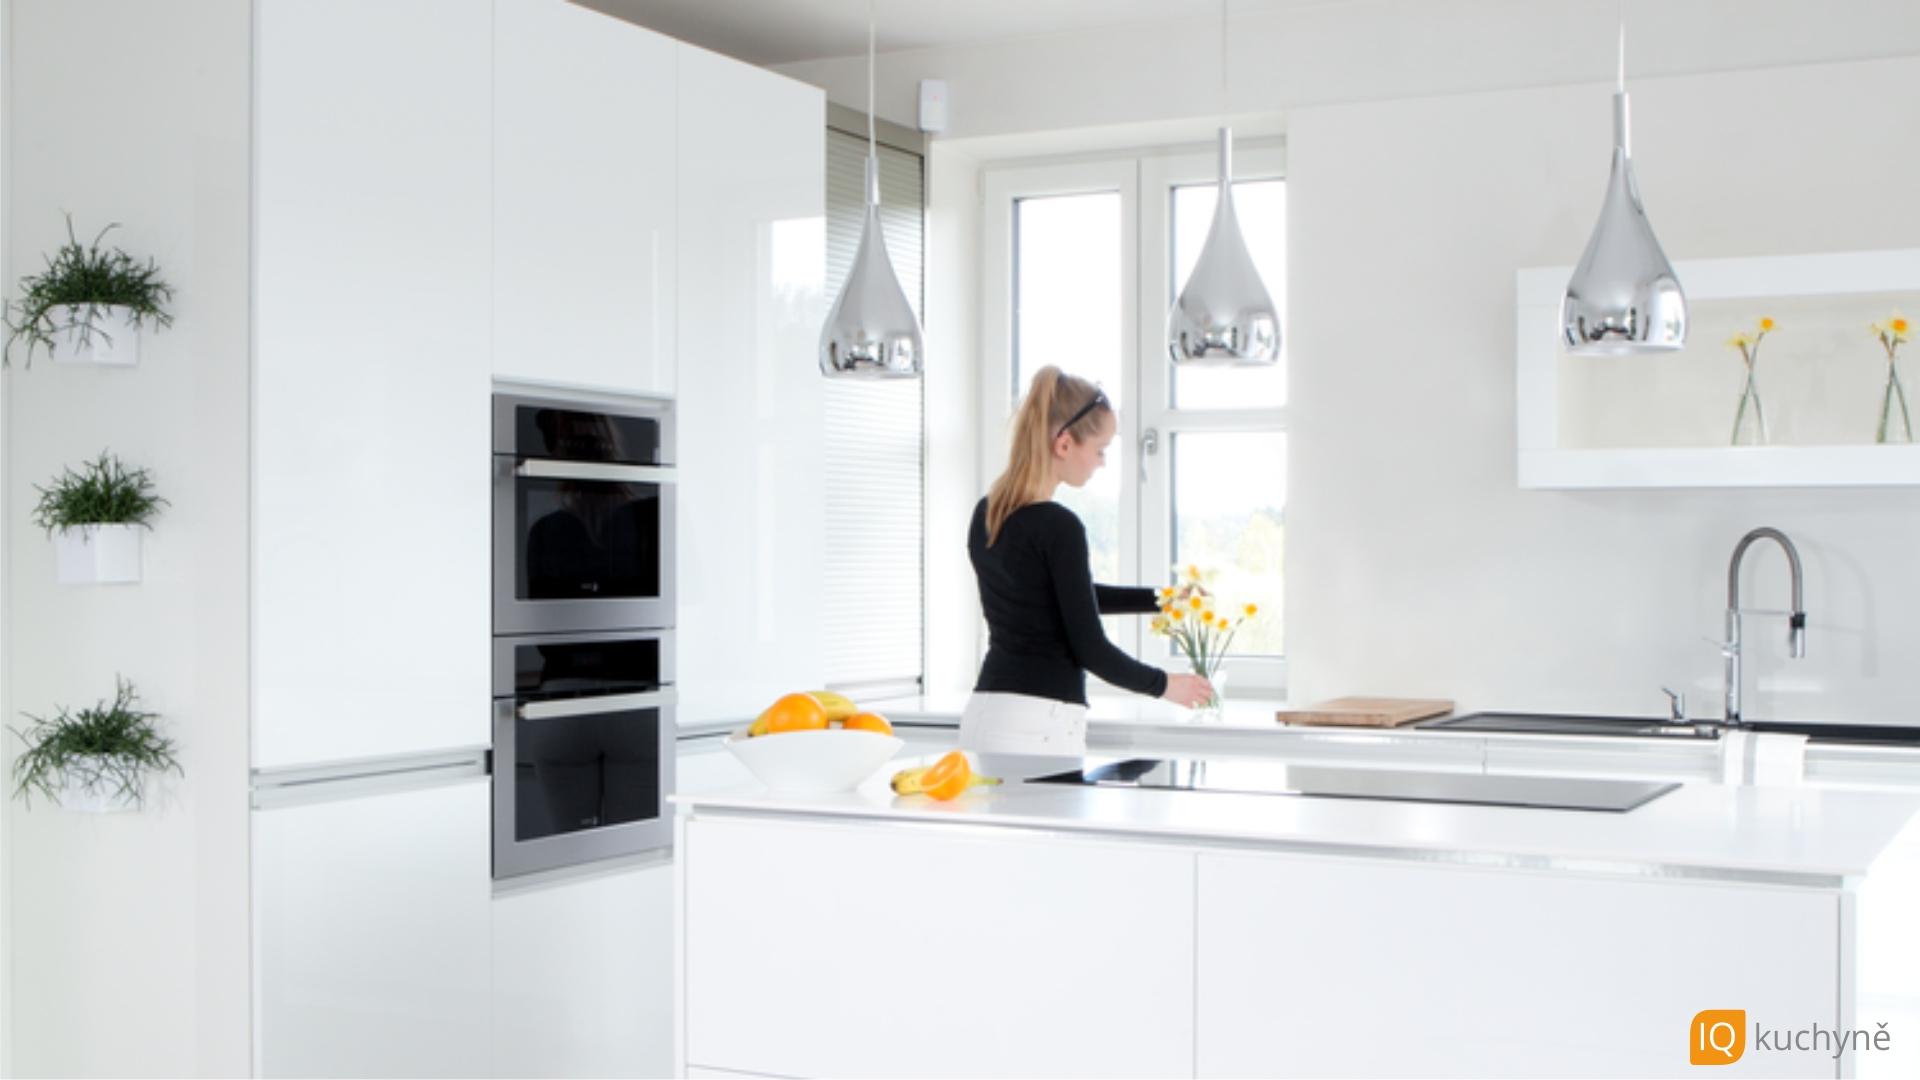 Bílá elegance | Jak se žije v kuchyni